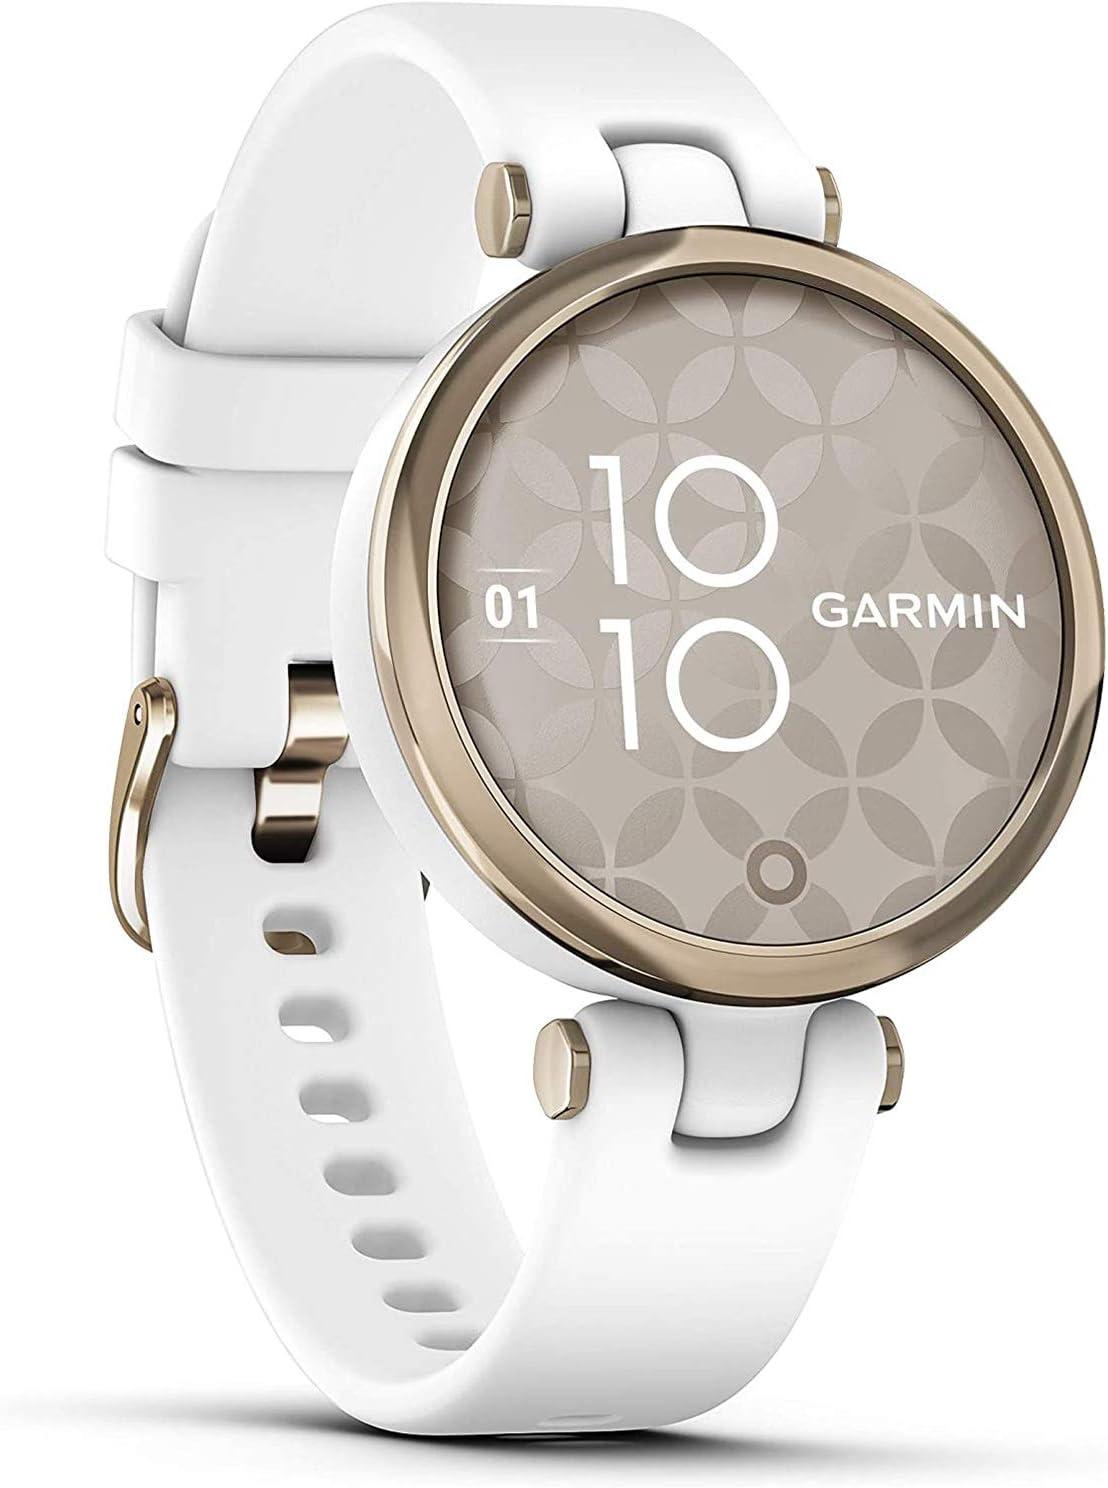 Garmin Lily édition sport - White/Cream Gold avec bracelet blanc